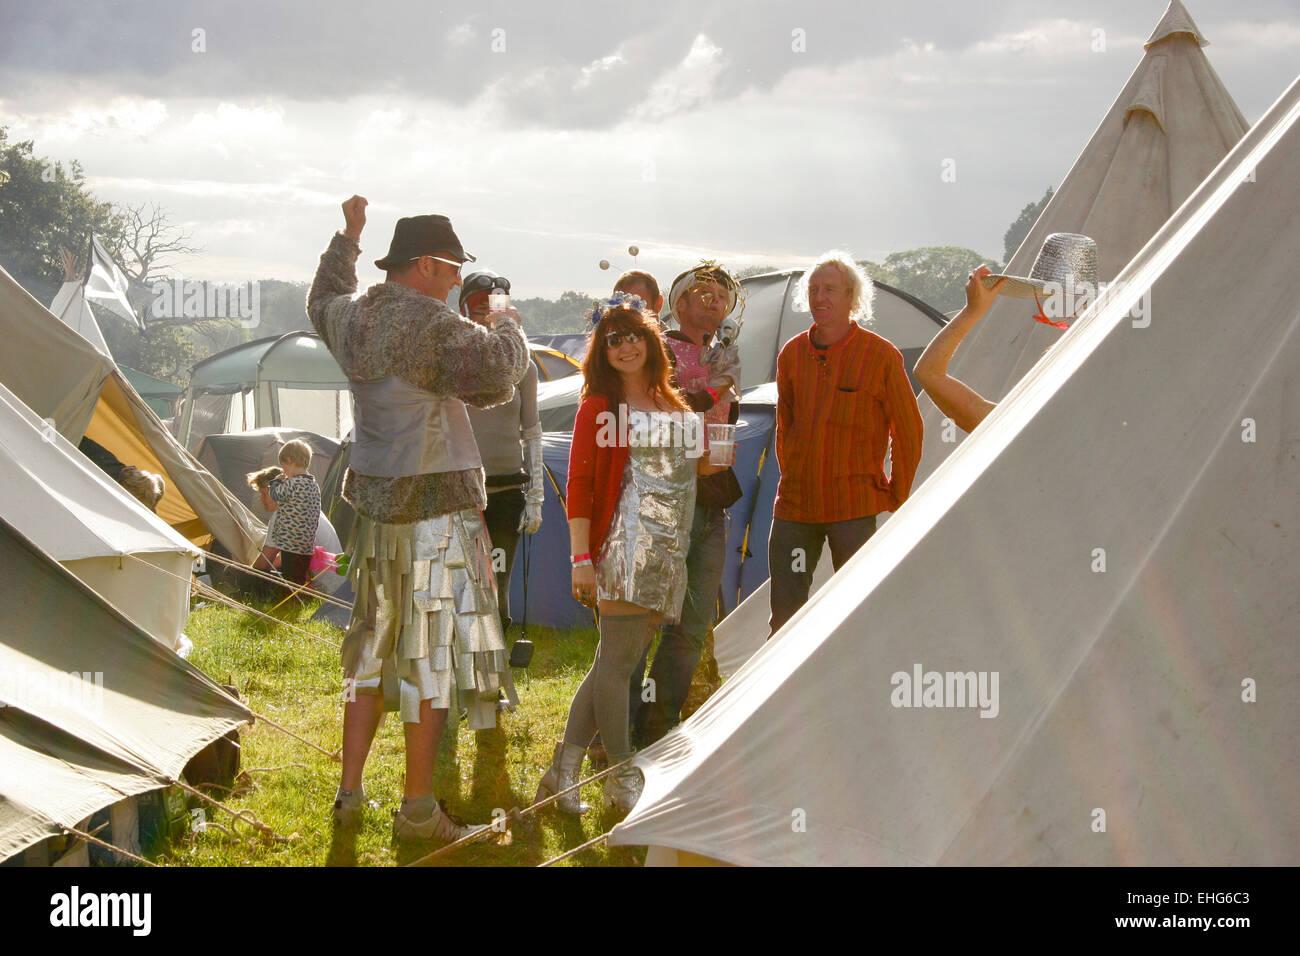 Precioso camping en un festival en Inglaterra. Foto de stock